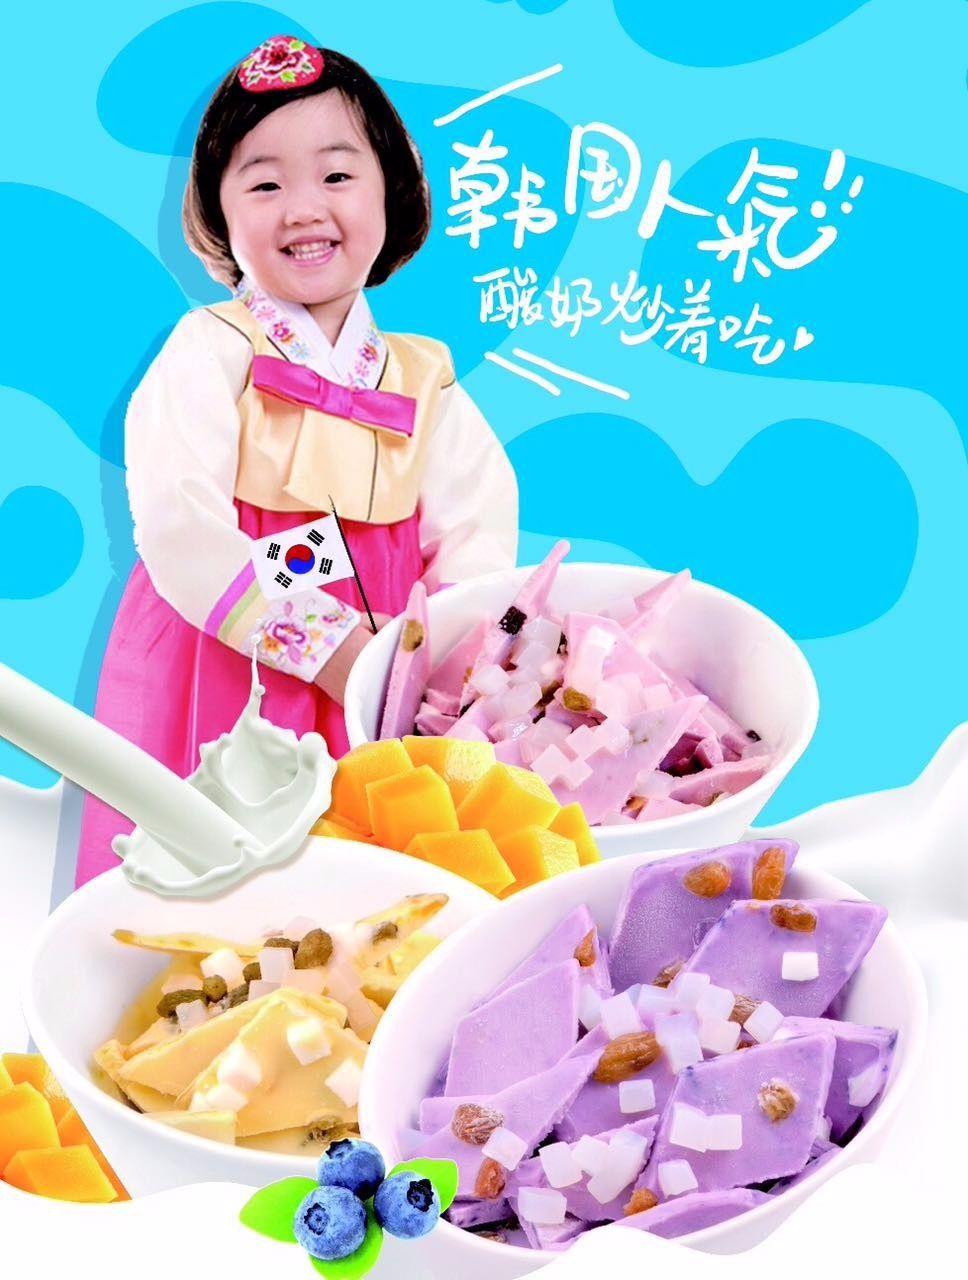 美食团购 甜点饮品 大竹县 煌歌广场 载沅家韩国炒酸奶   特色菜 芒